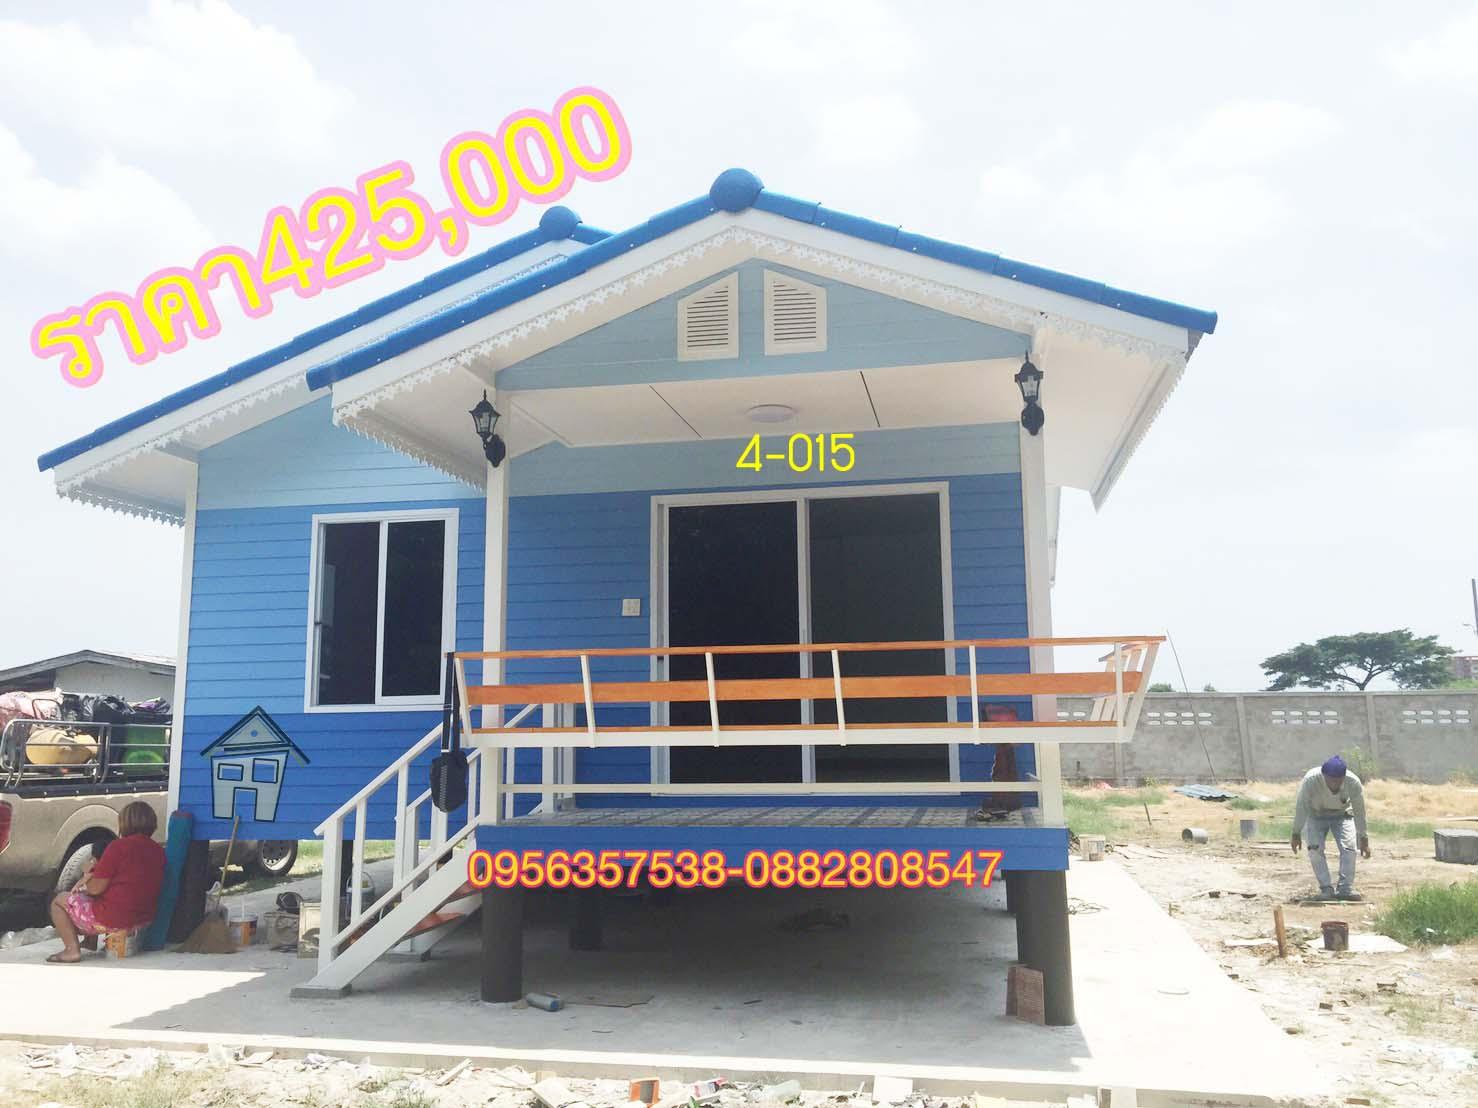 4-015 บ้านหลังใหญ่ - ทรงจั่วมุกซ้อน